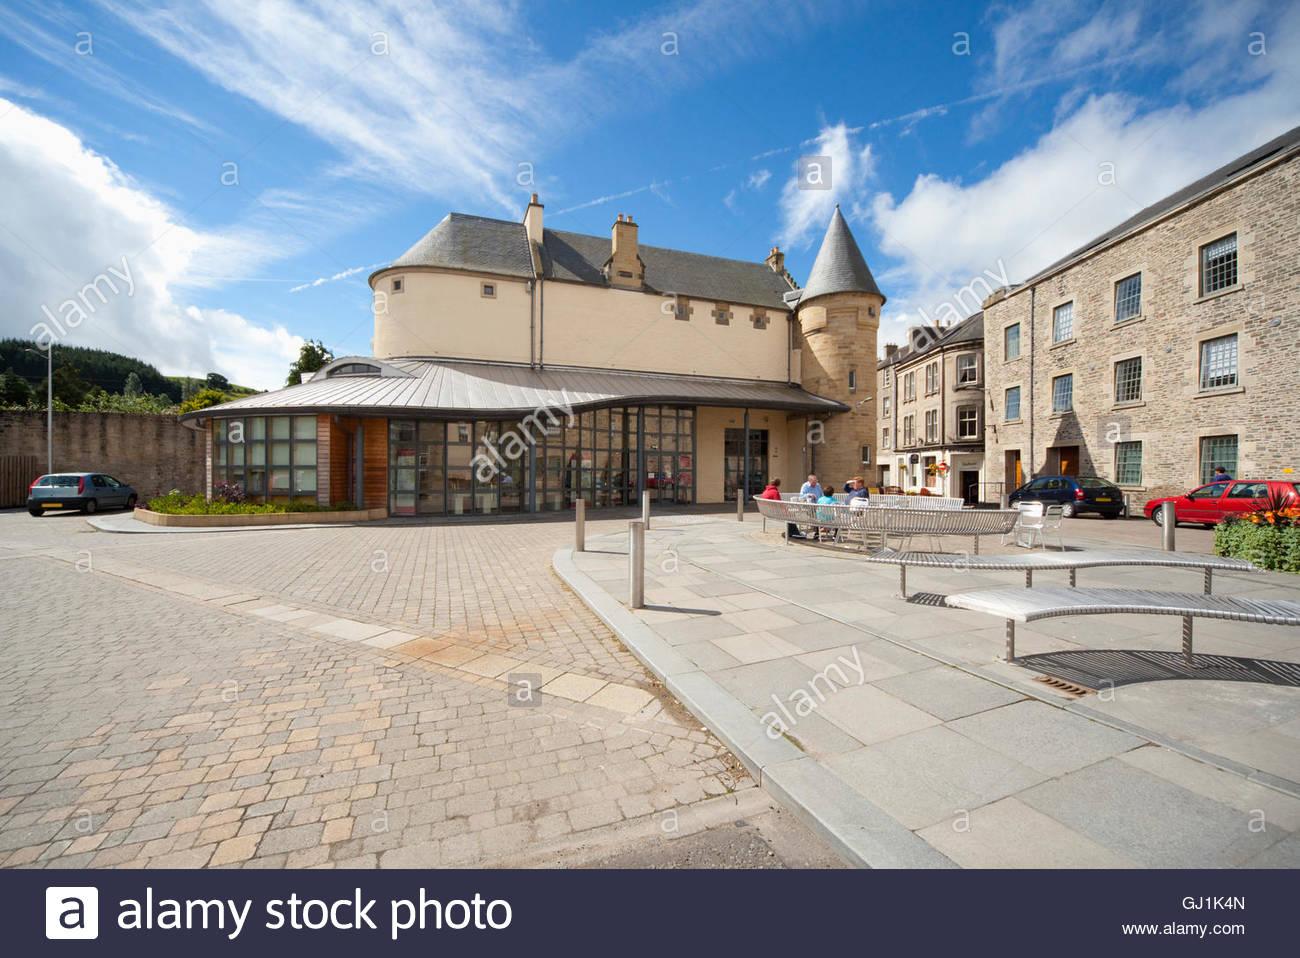 Il mozzo del patrimonio, la Scottish Borders Archivio e Storia locale centro, Hawick, Scottish Borders, Scozia. Immagini Stock